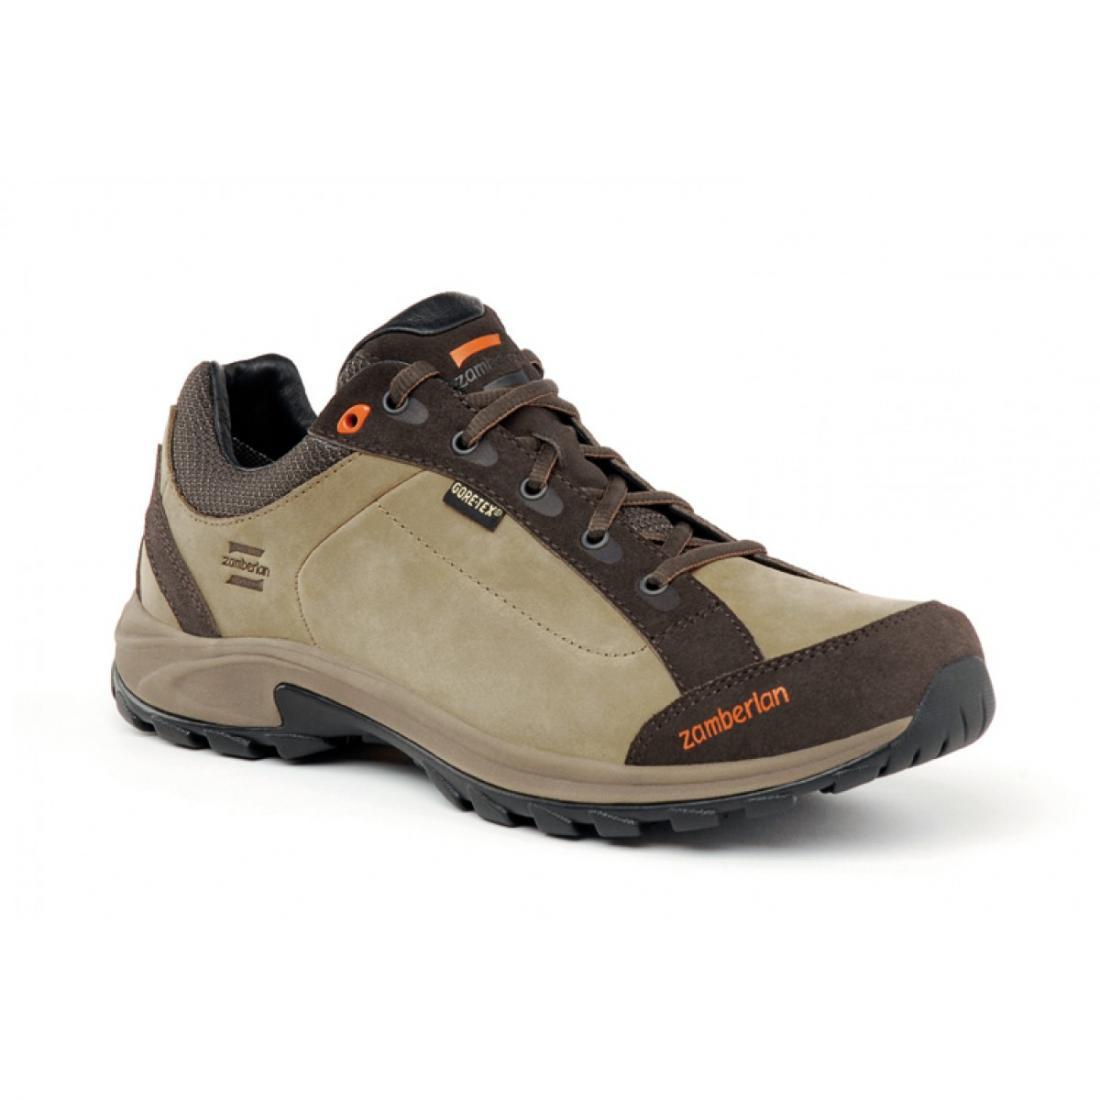 Ботинки 241 VISTA GTXТреккинговые<br><br><br>Цвет: Коричневый<br>Размер: 42.5